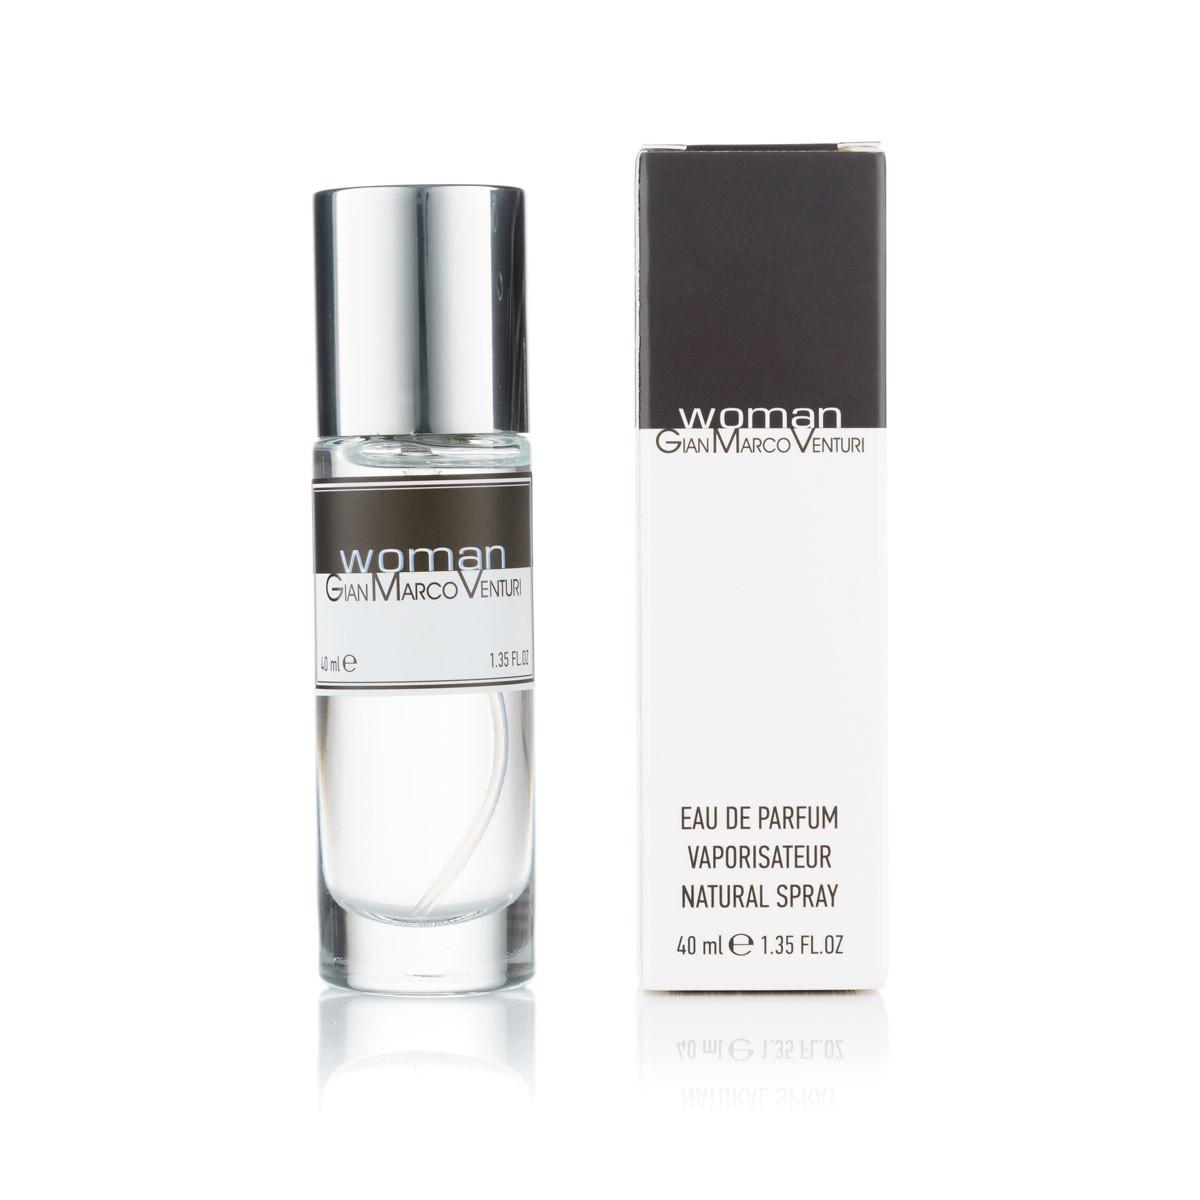 Женский мини парфюм Gian Marco Venturi Woman - 40 мл (320)